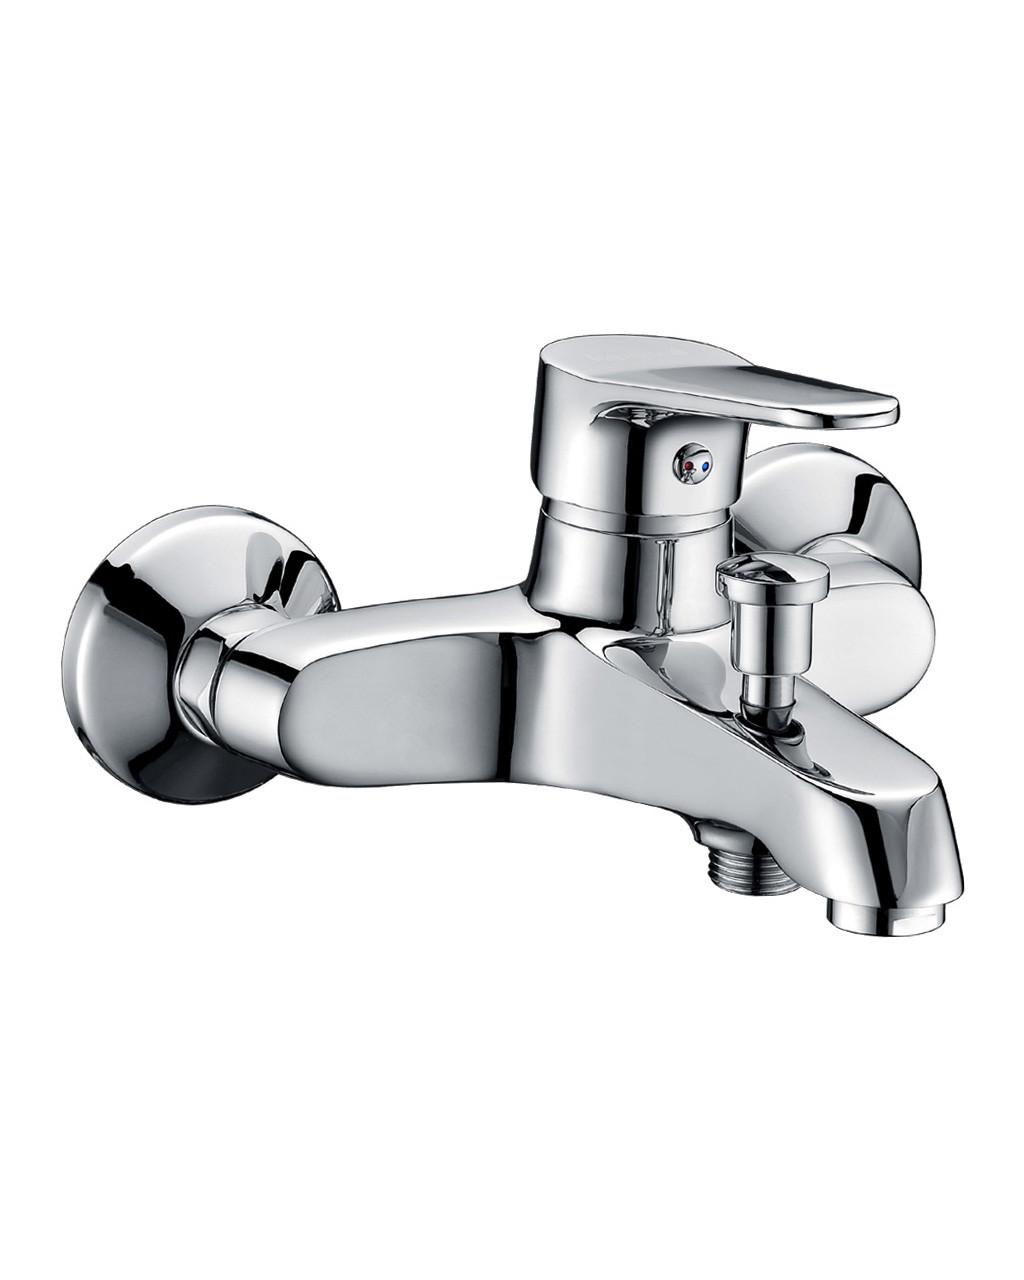 WITOW змішувач для ванни, хром, 35 мм